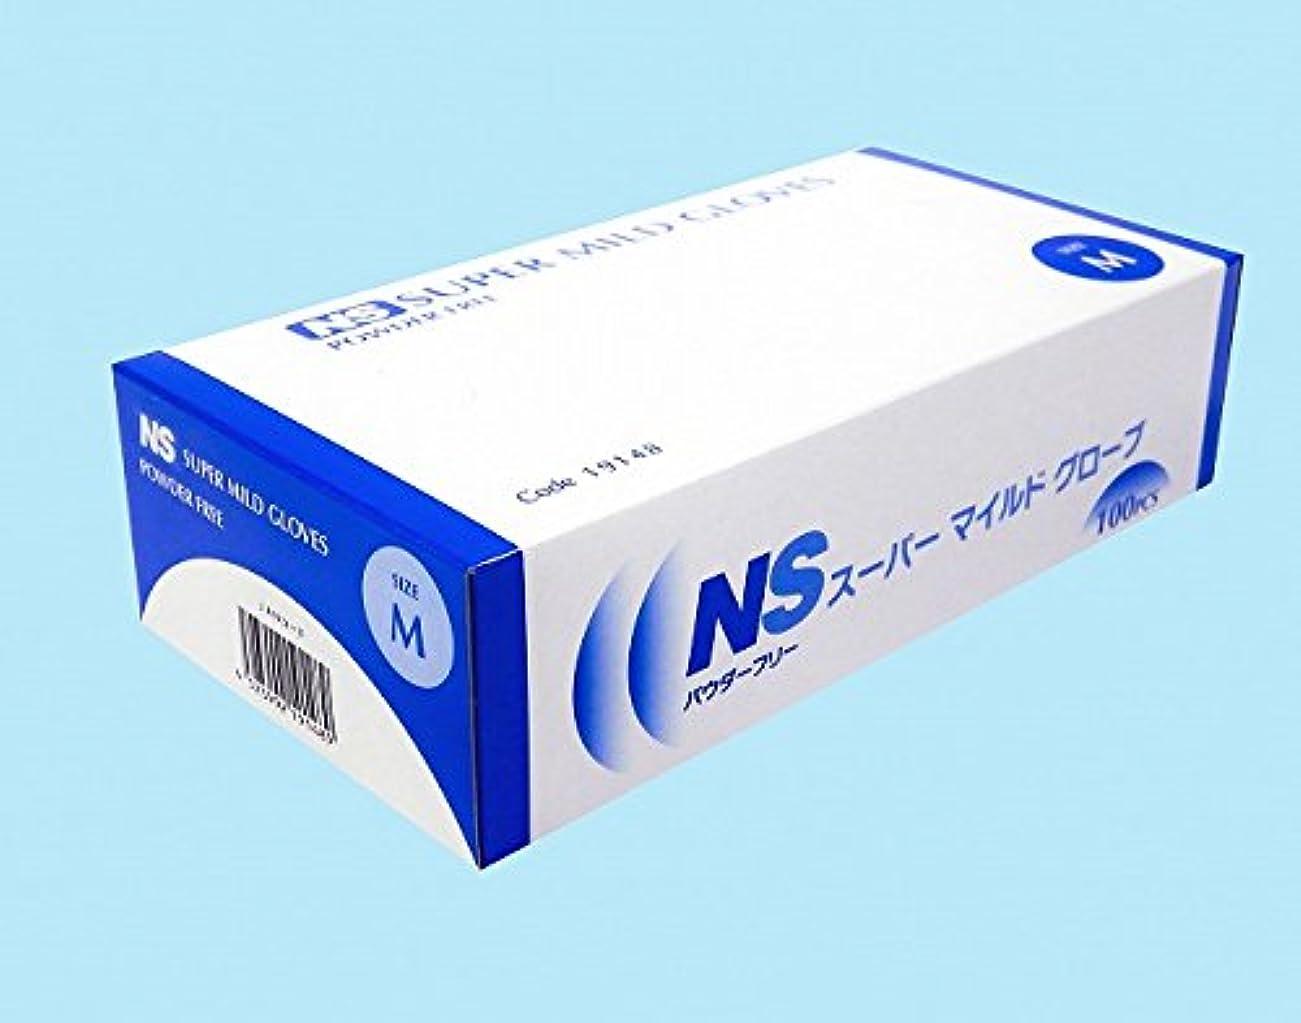 アイロニーにやにや邪悪な【日昭産業】NS スーパーマイルド プラスチック手袋 パウダーフリー M 100枚*20箱入り (ケース販売)